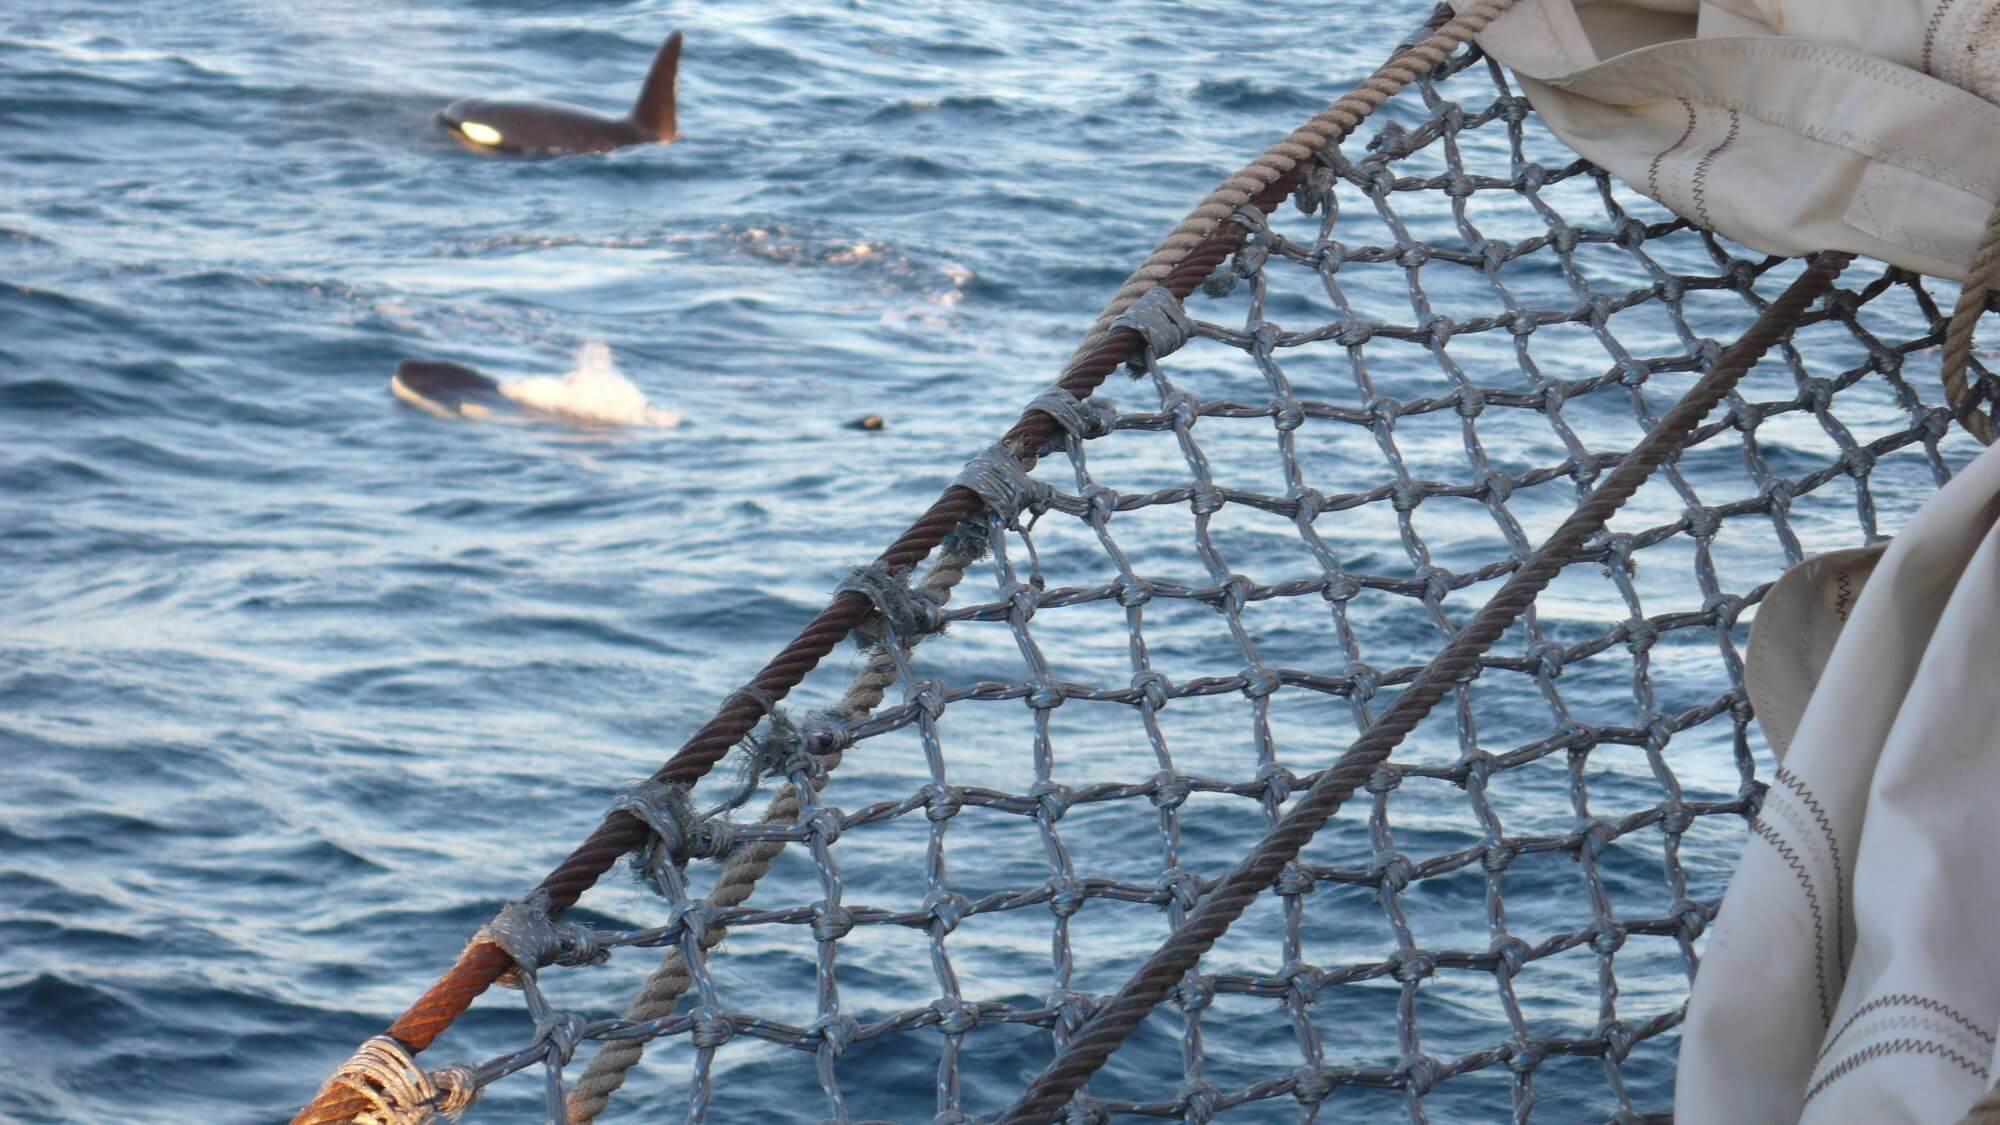 Mein Traum, endlich Orcas in freier Woldbahn zu erleben, hat sich voll und ganz erfüllt!